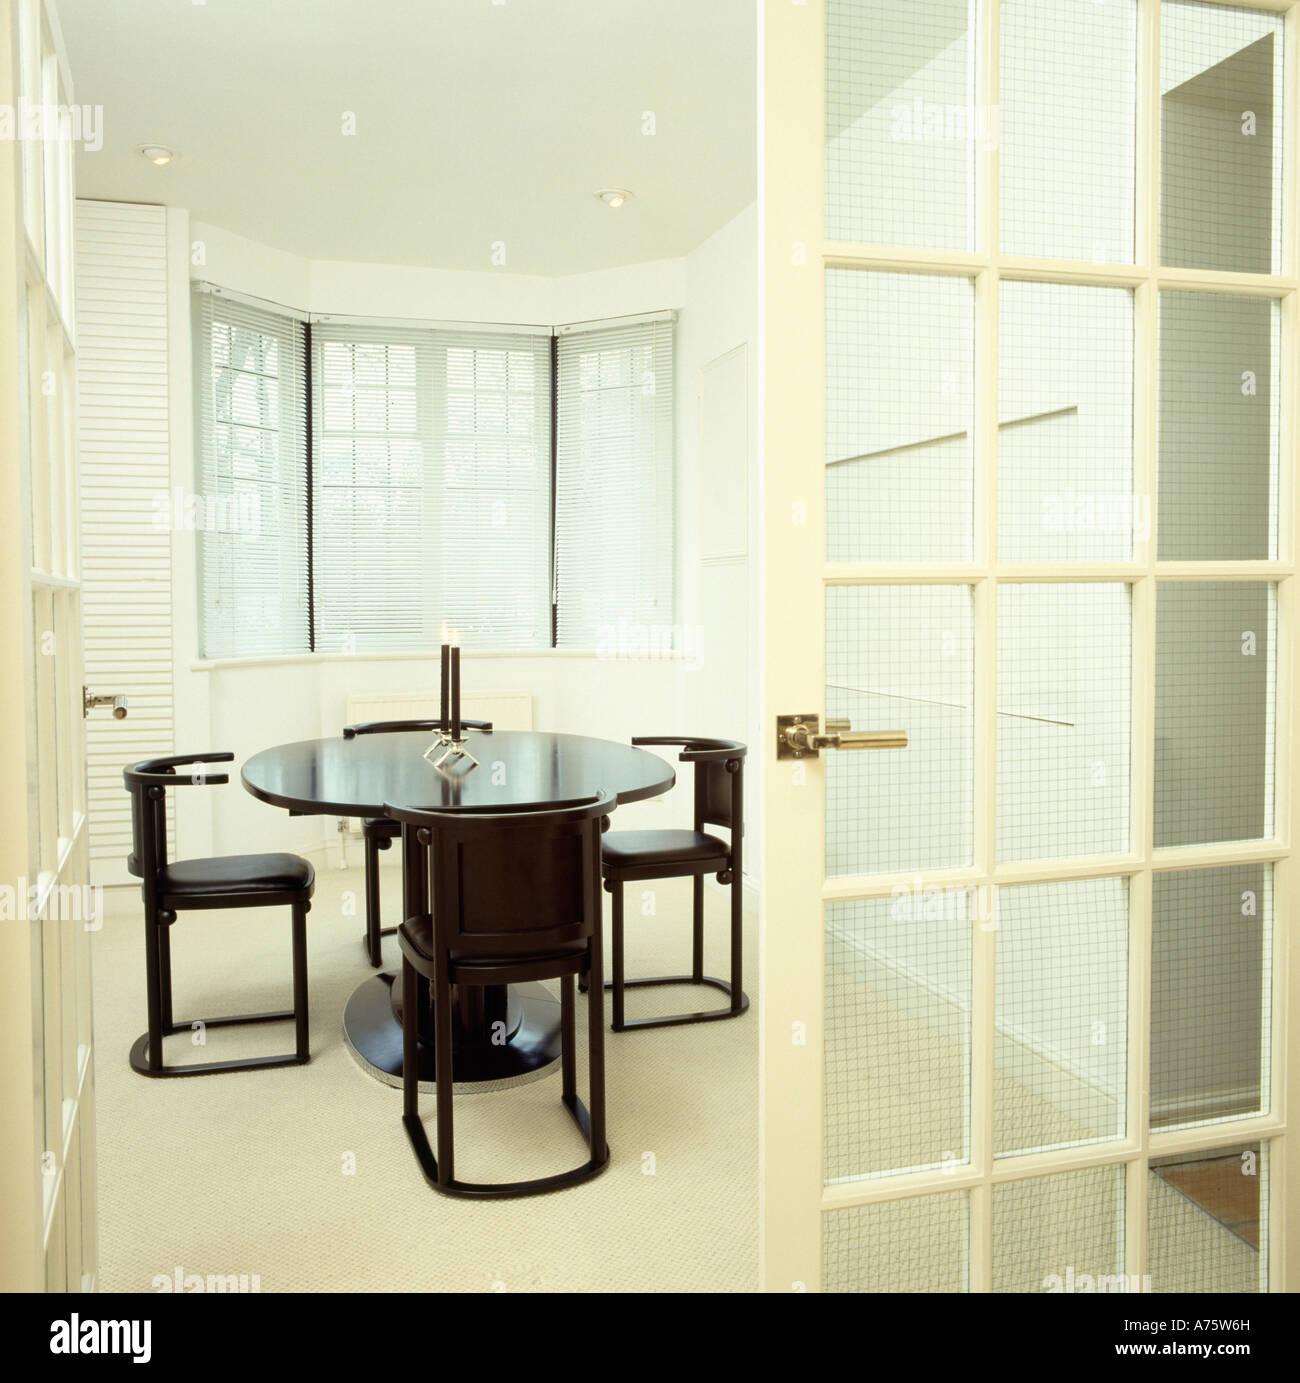 verglaste t r offen f r moderne wei e stadt esszimmer mit schwarzen tisch und st hlen stockfoto. Black Bedroom Furniture Sets. Home Design Ideas